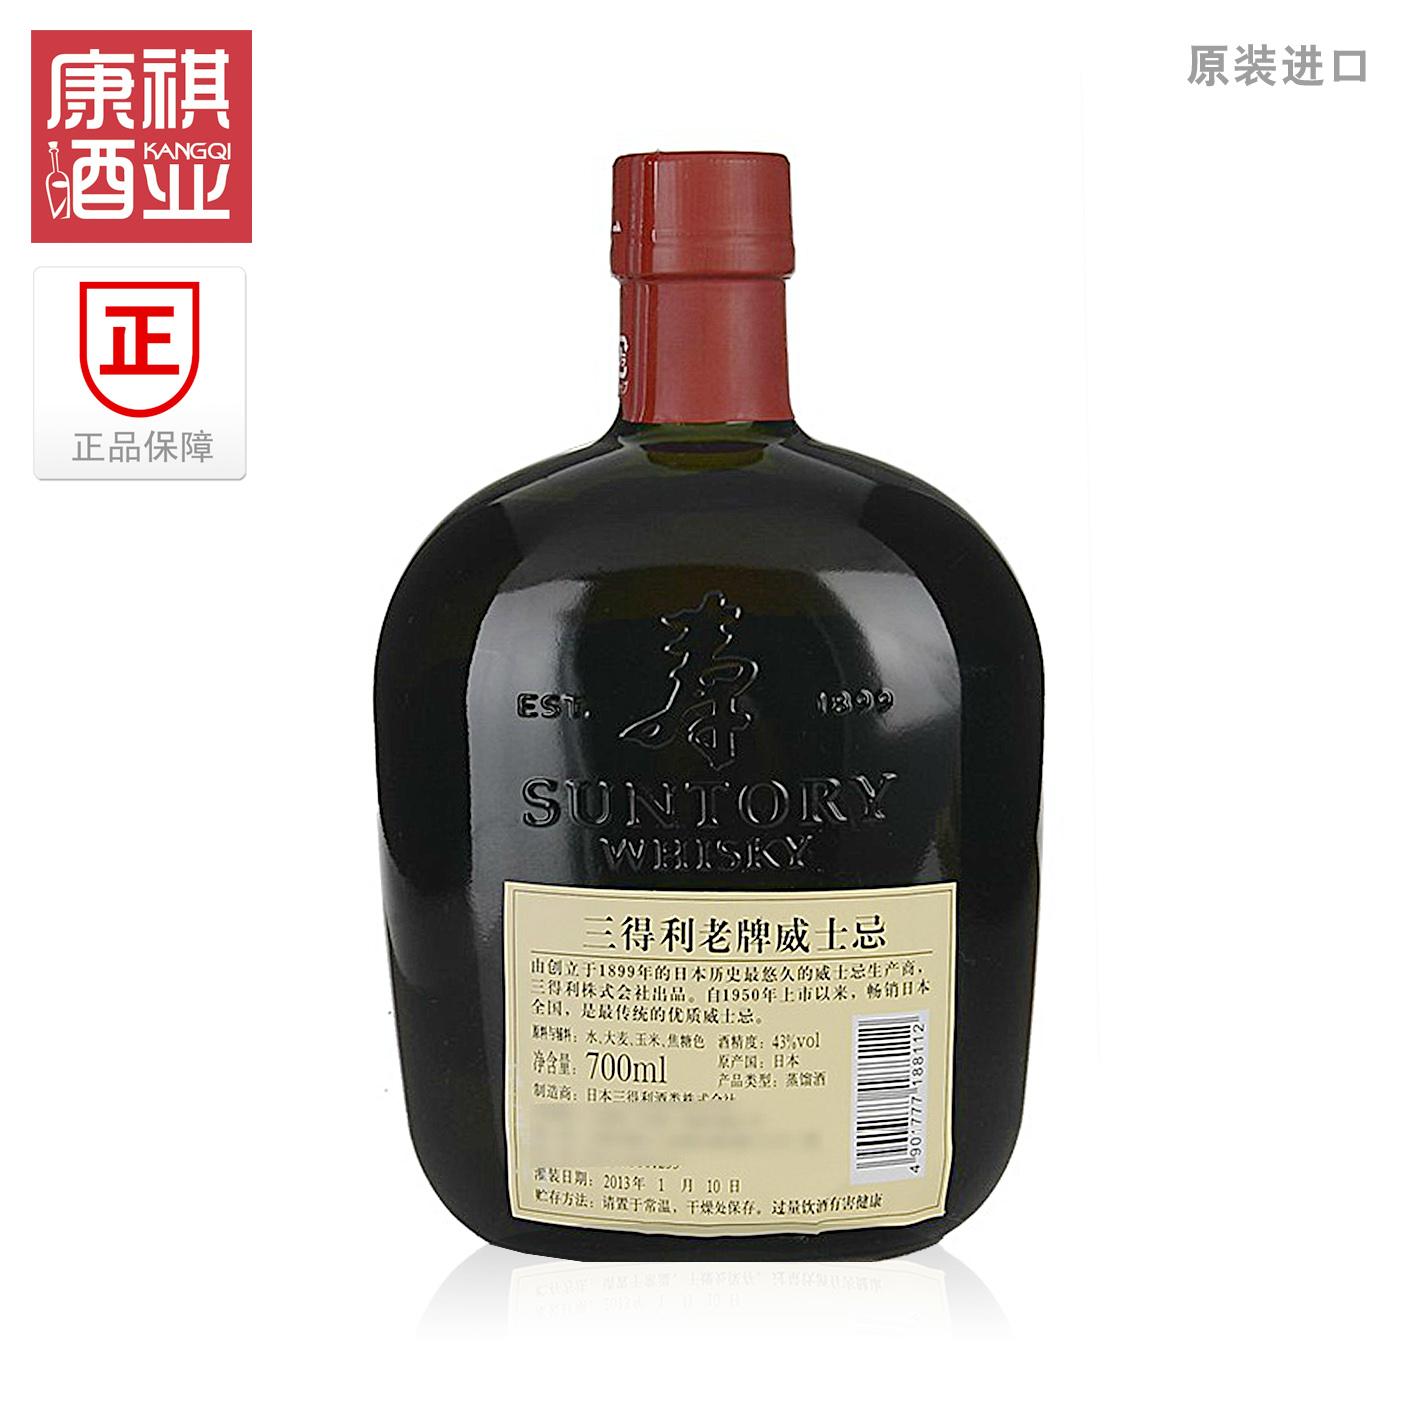 山崎原酒打底洋酒 700ml 日本原瓶进口三得利老牌威士忌 OLD SUNTORY